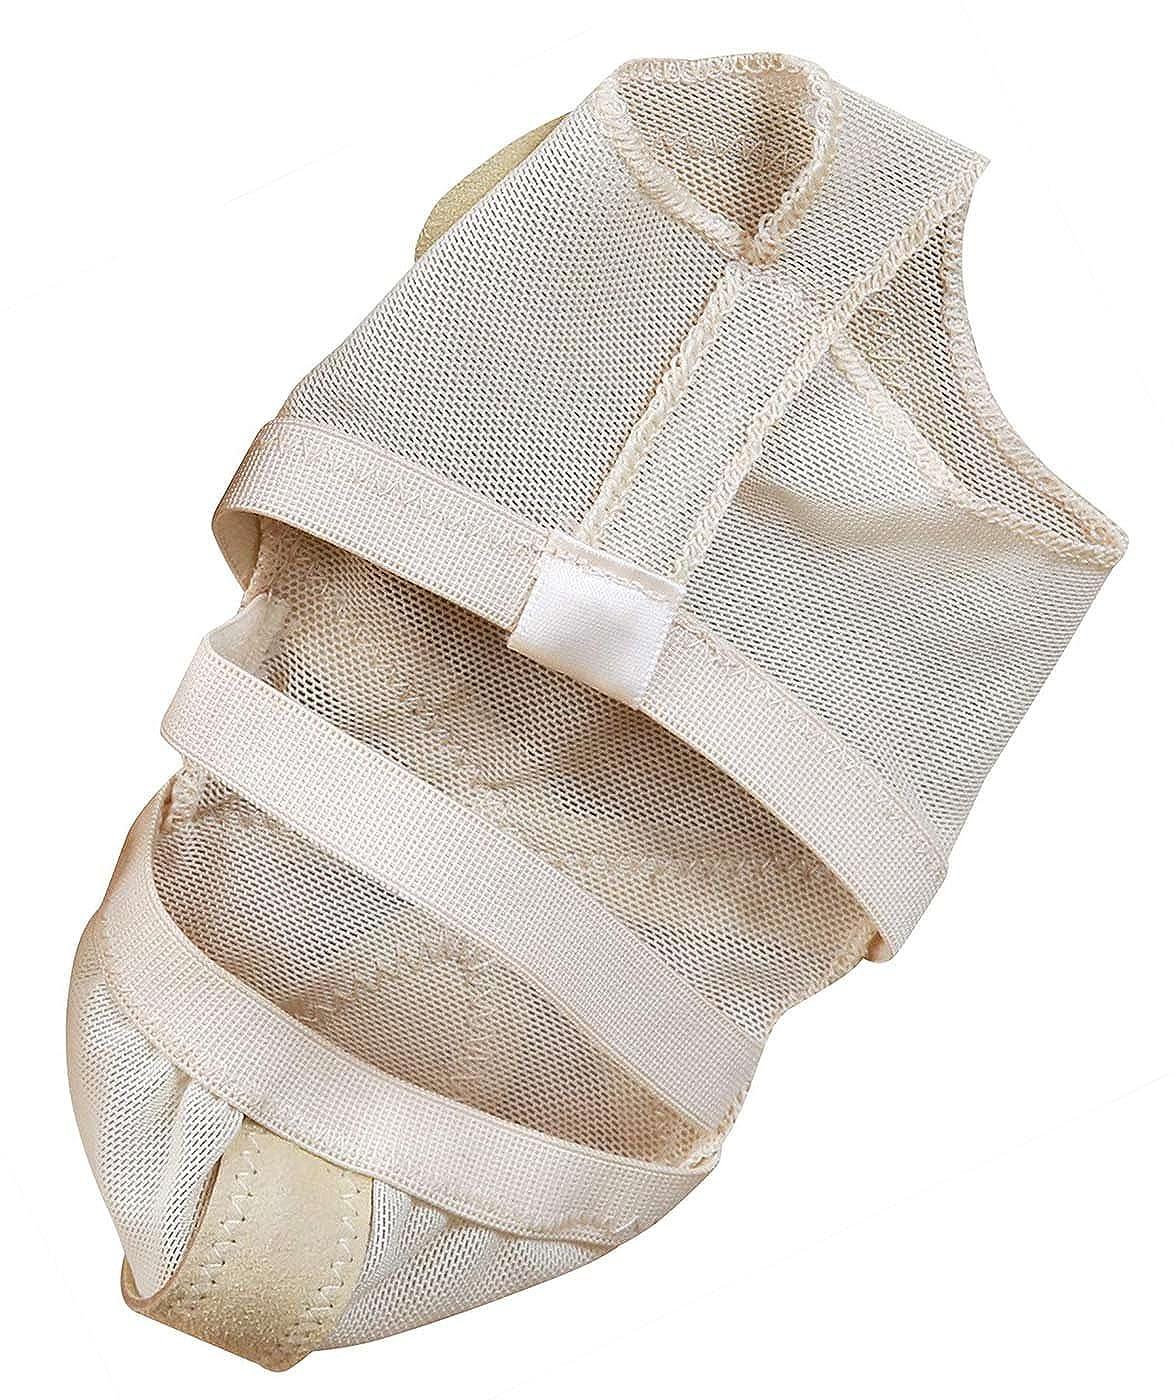 BELLYQUEEN Almohadillas de Danza del Vientre Zapatillas de Baile Descalzo Tanga Pie Calcetines Yoga Pilate Ballet